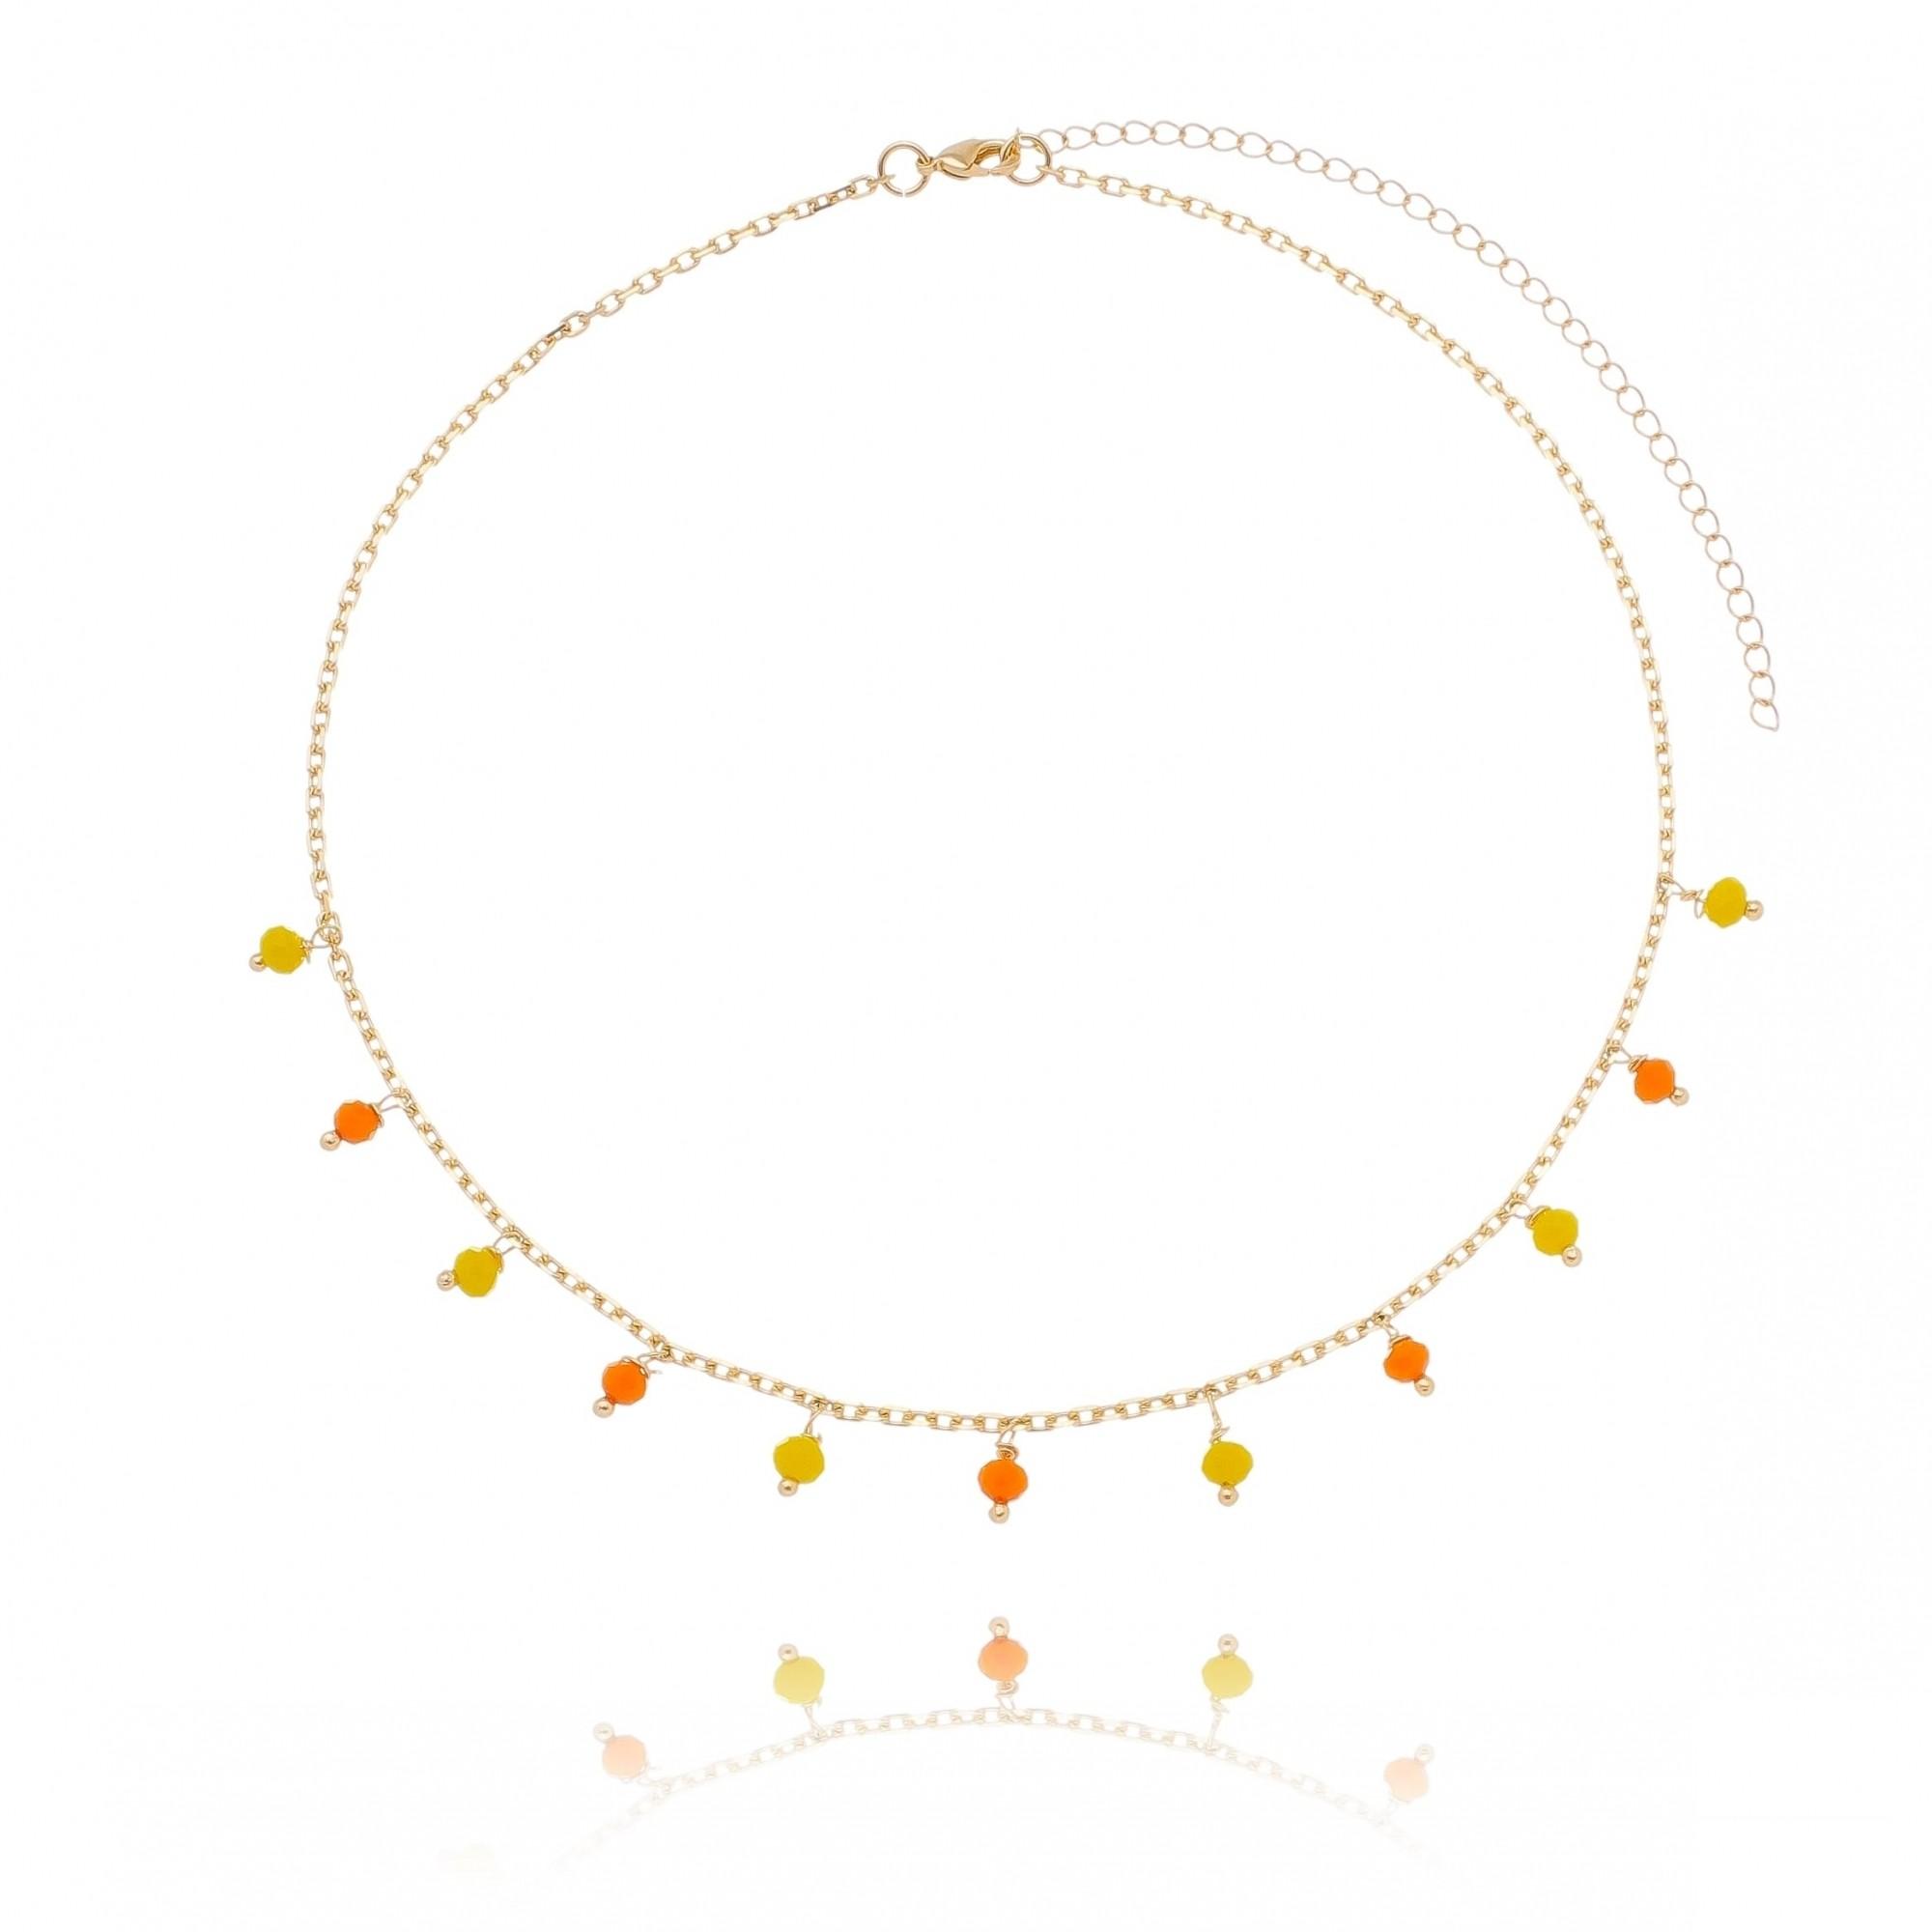 Colar Choker Elos Cartier com Miçangas Laranja e Amarelas Folheado em Ouro 18k - Giro Semijoias